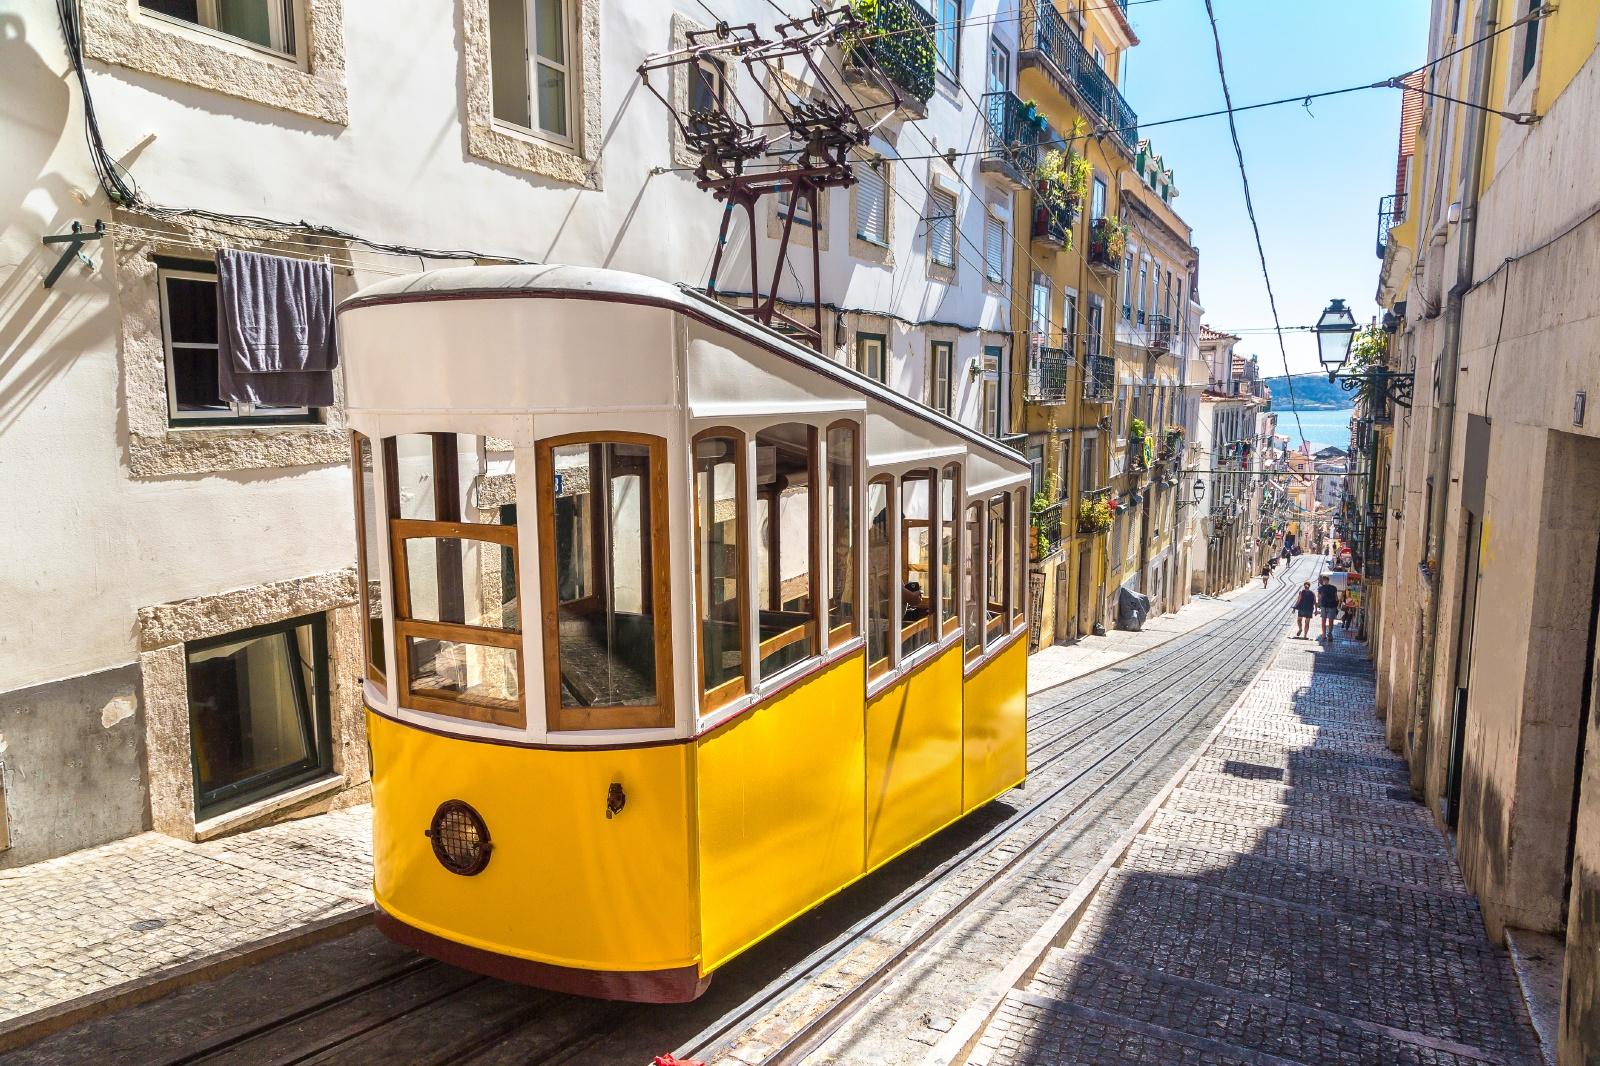 リスボンの旧市街を走るケーブルカー ポルトガルの鉄道風景